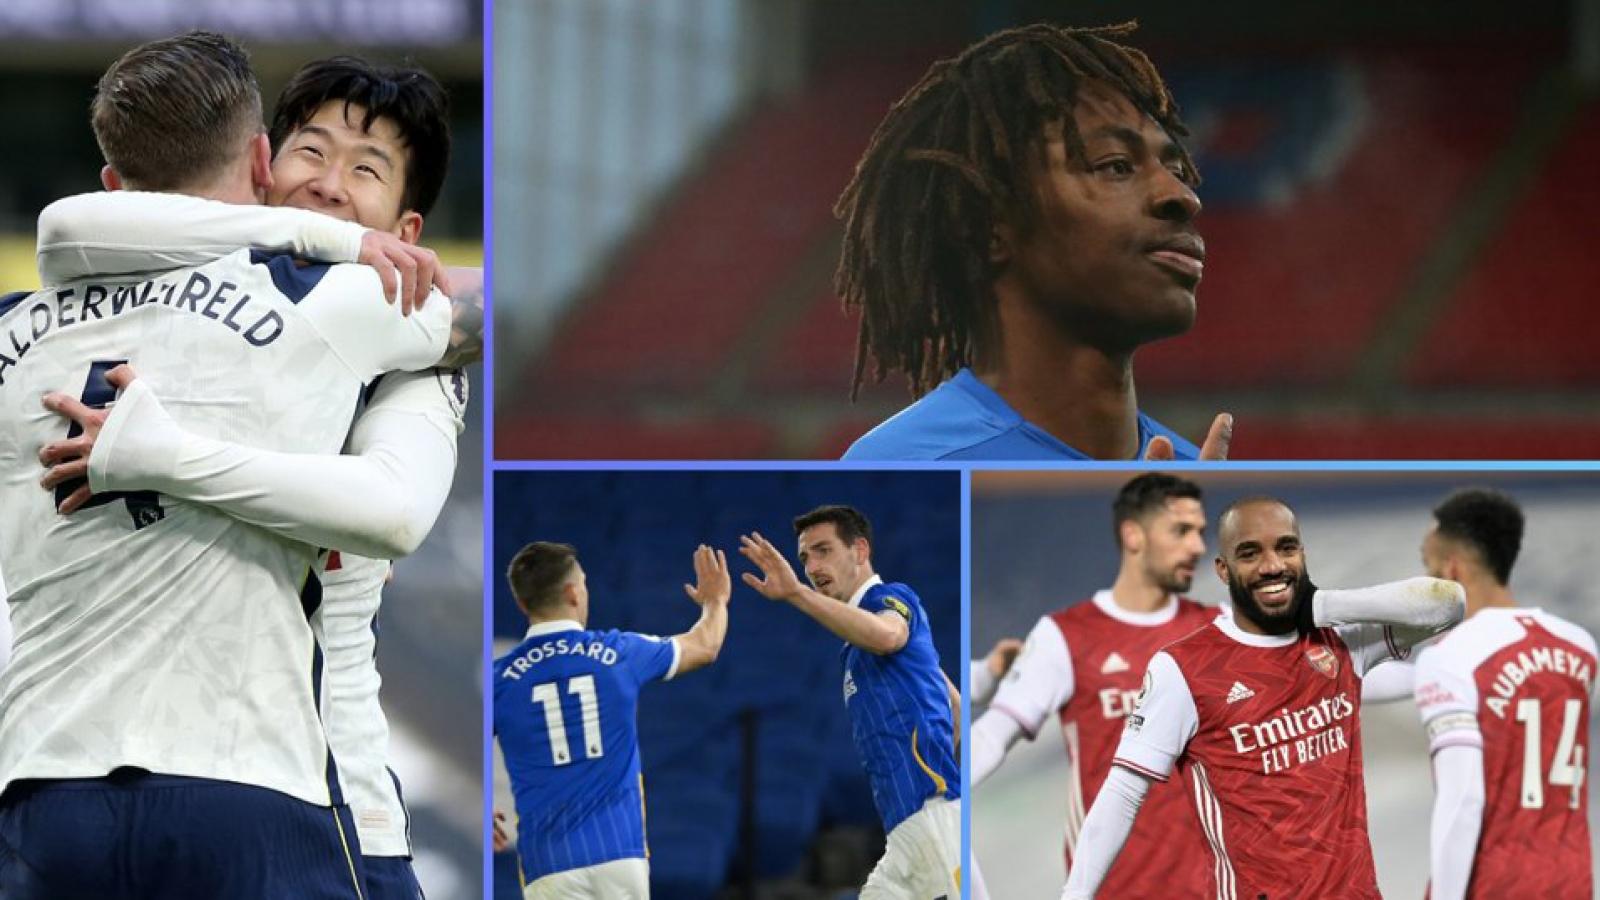 Bảng xếp hạng Ngoại hạng Anh mới nhất: Tottenham vào tốp 3, MU thổi lửa vào Liverpool